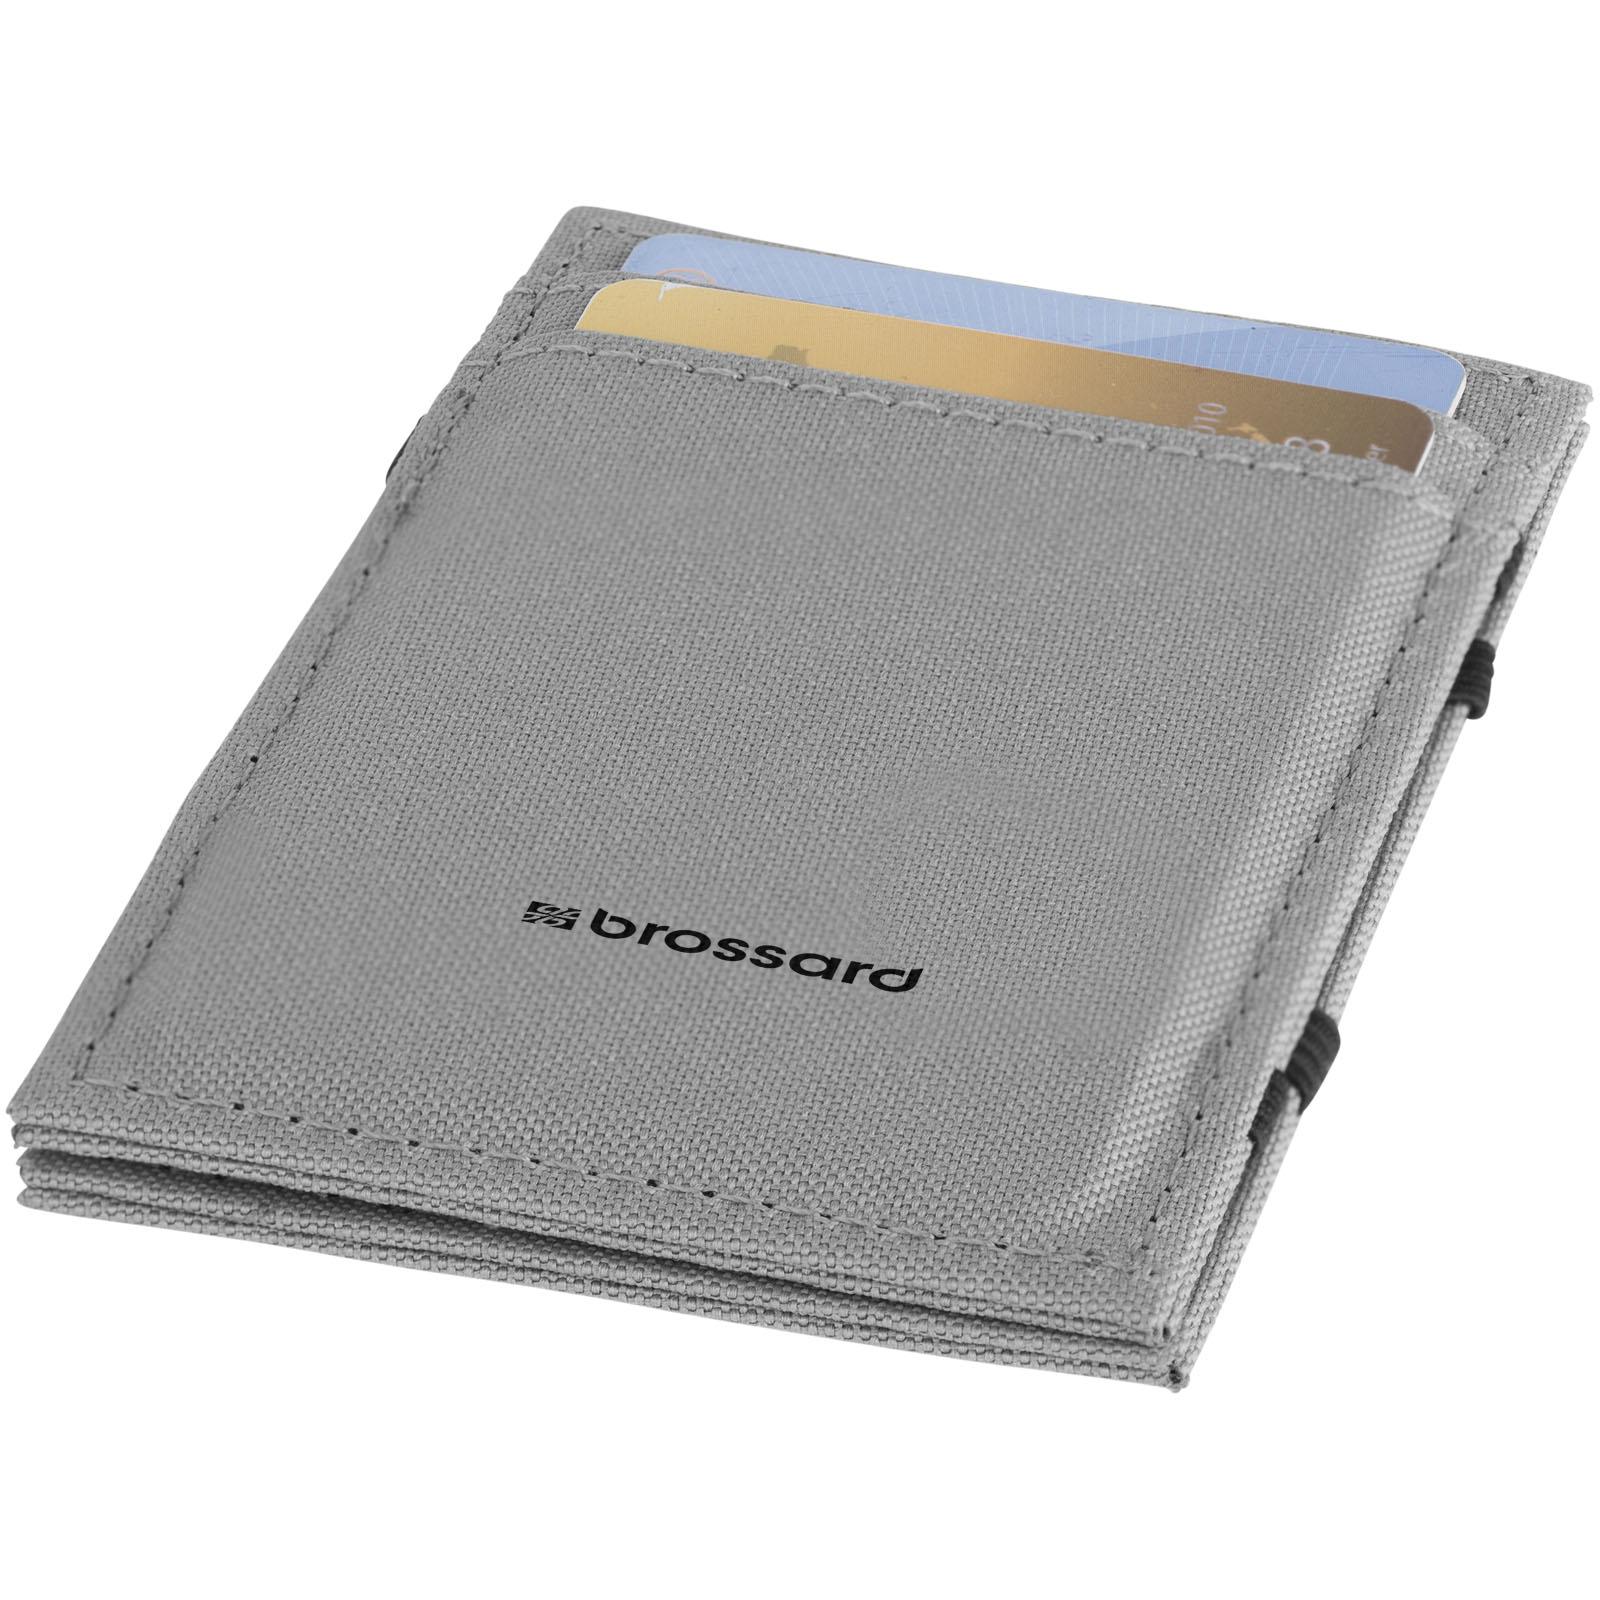 2752420ffba Adventurer RFID overslag portemonnee bedrukken? - Voordelig & snel ...